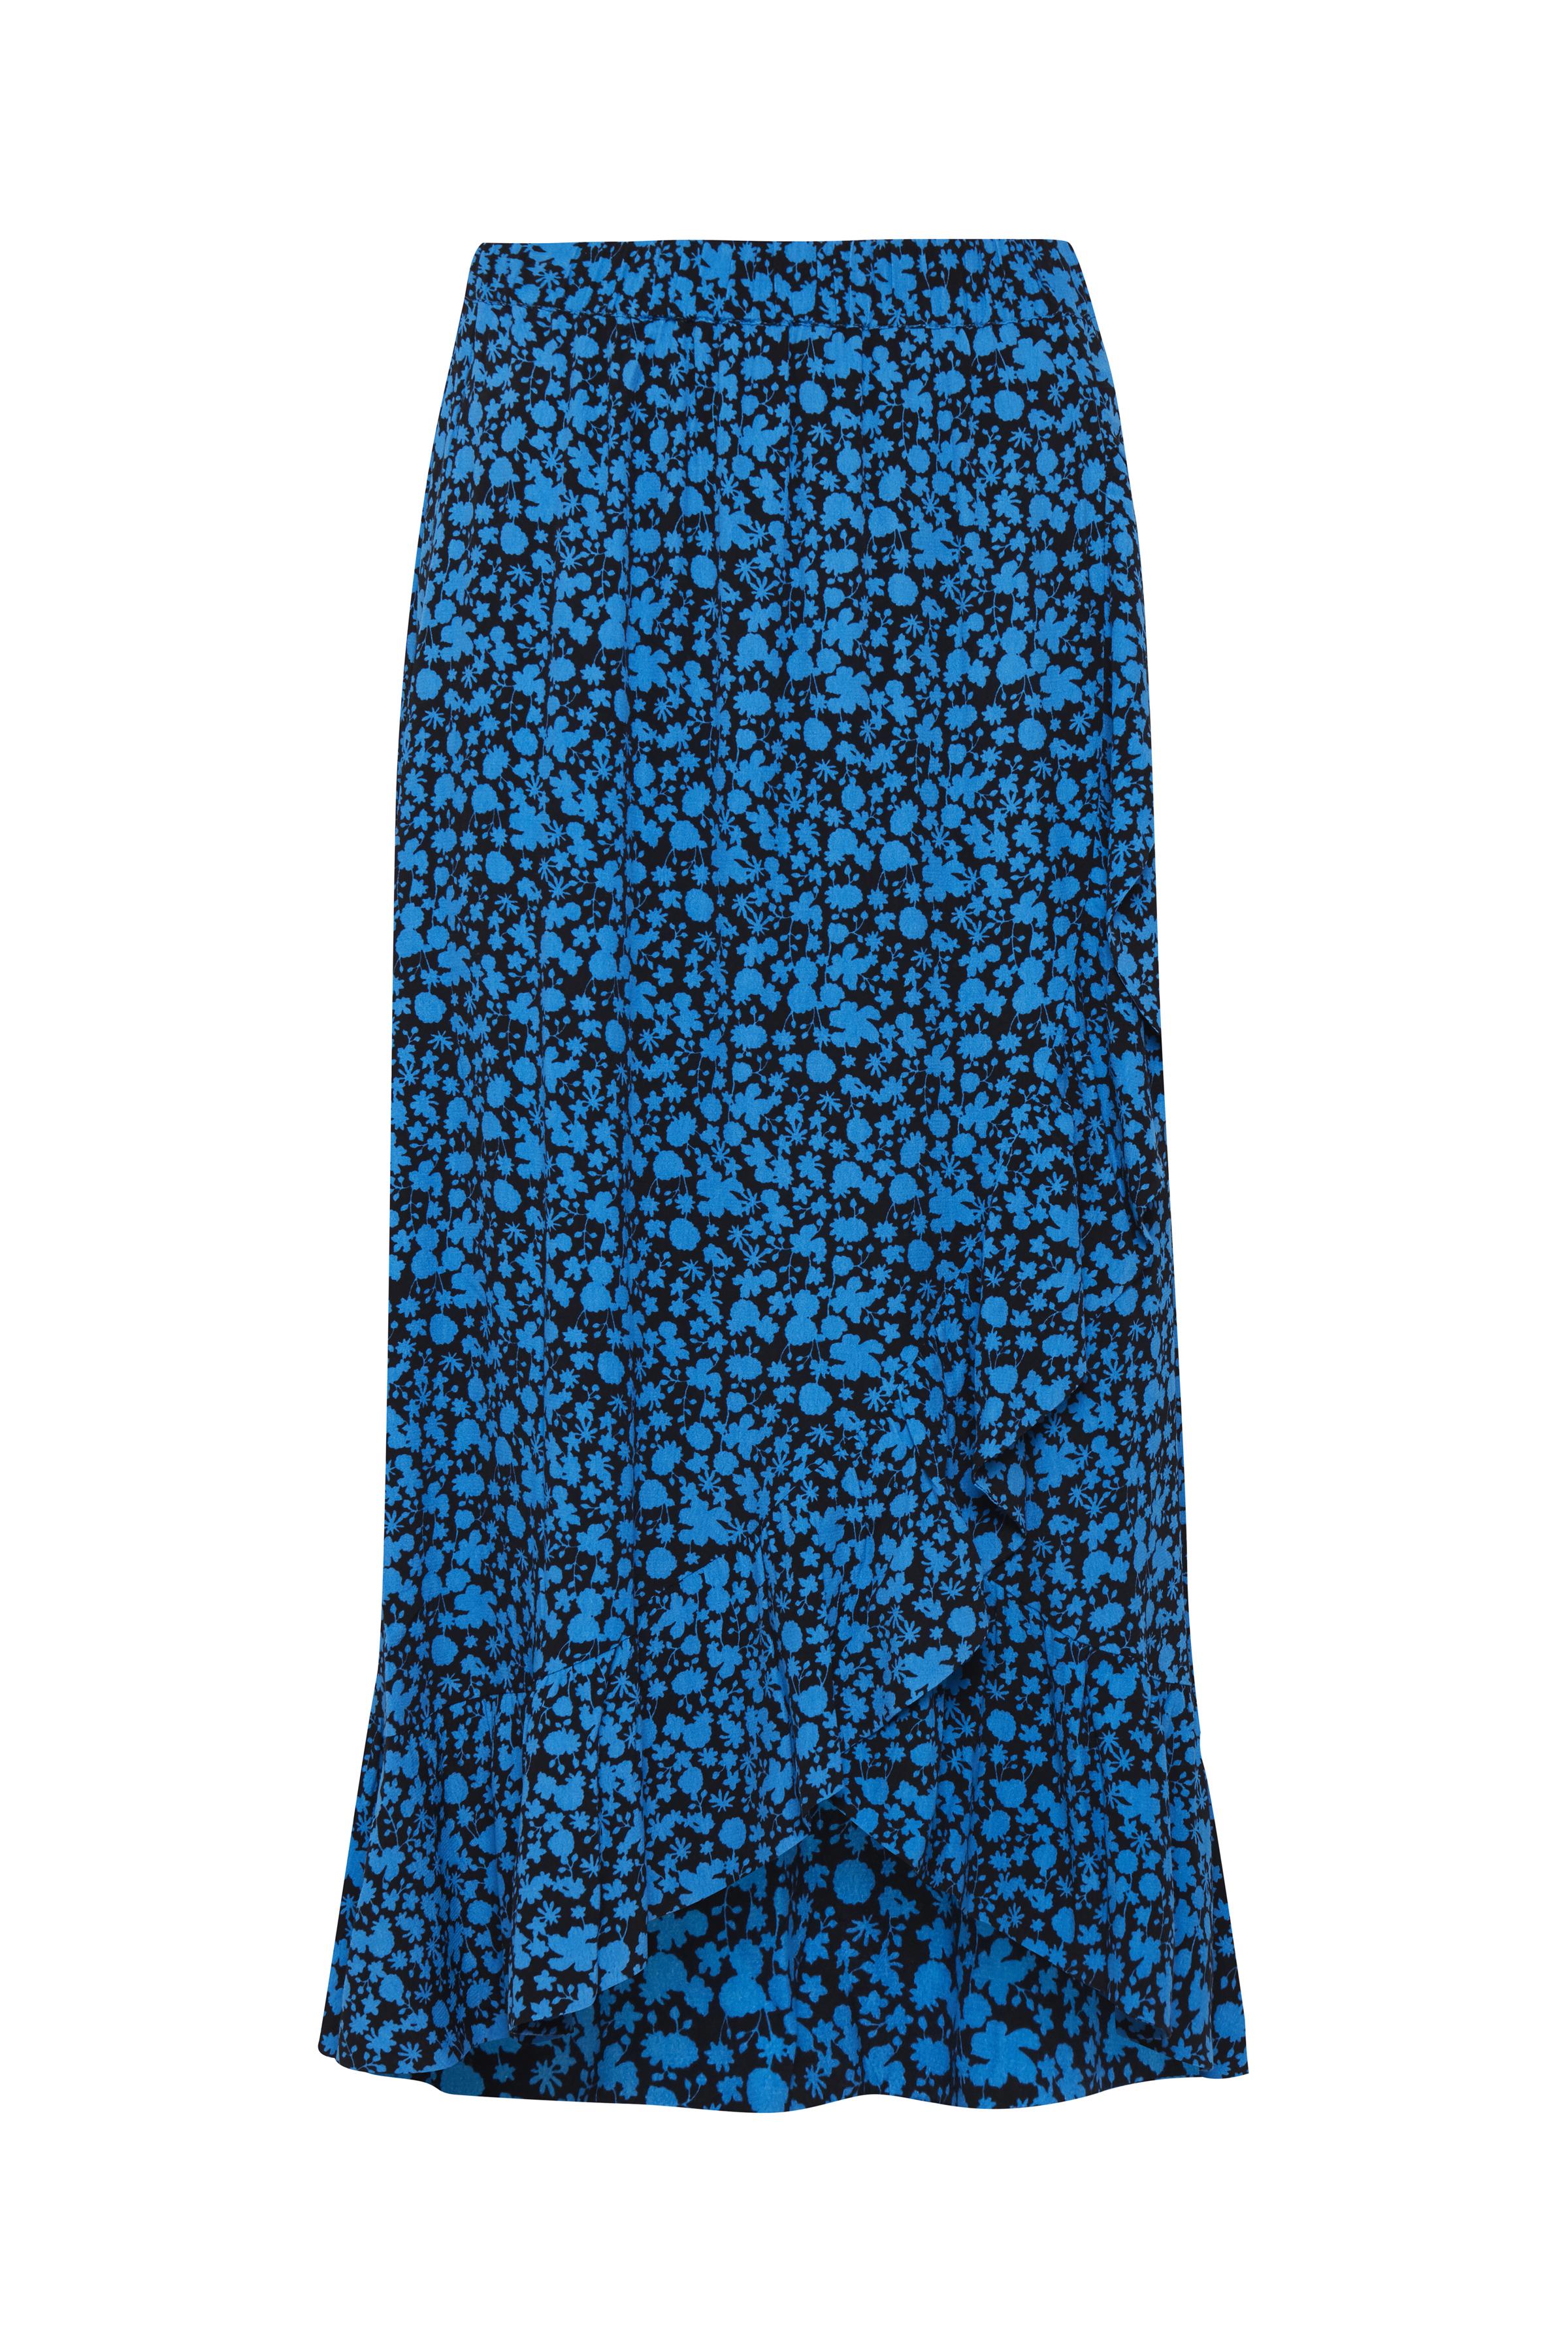 Black Nederdel – Køb Black Nederdel fra str. XS-XL her